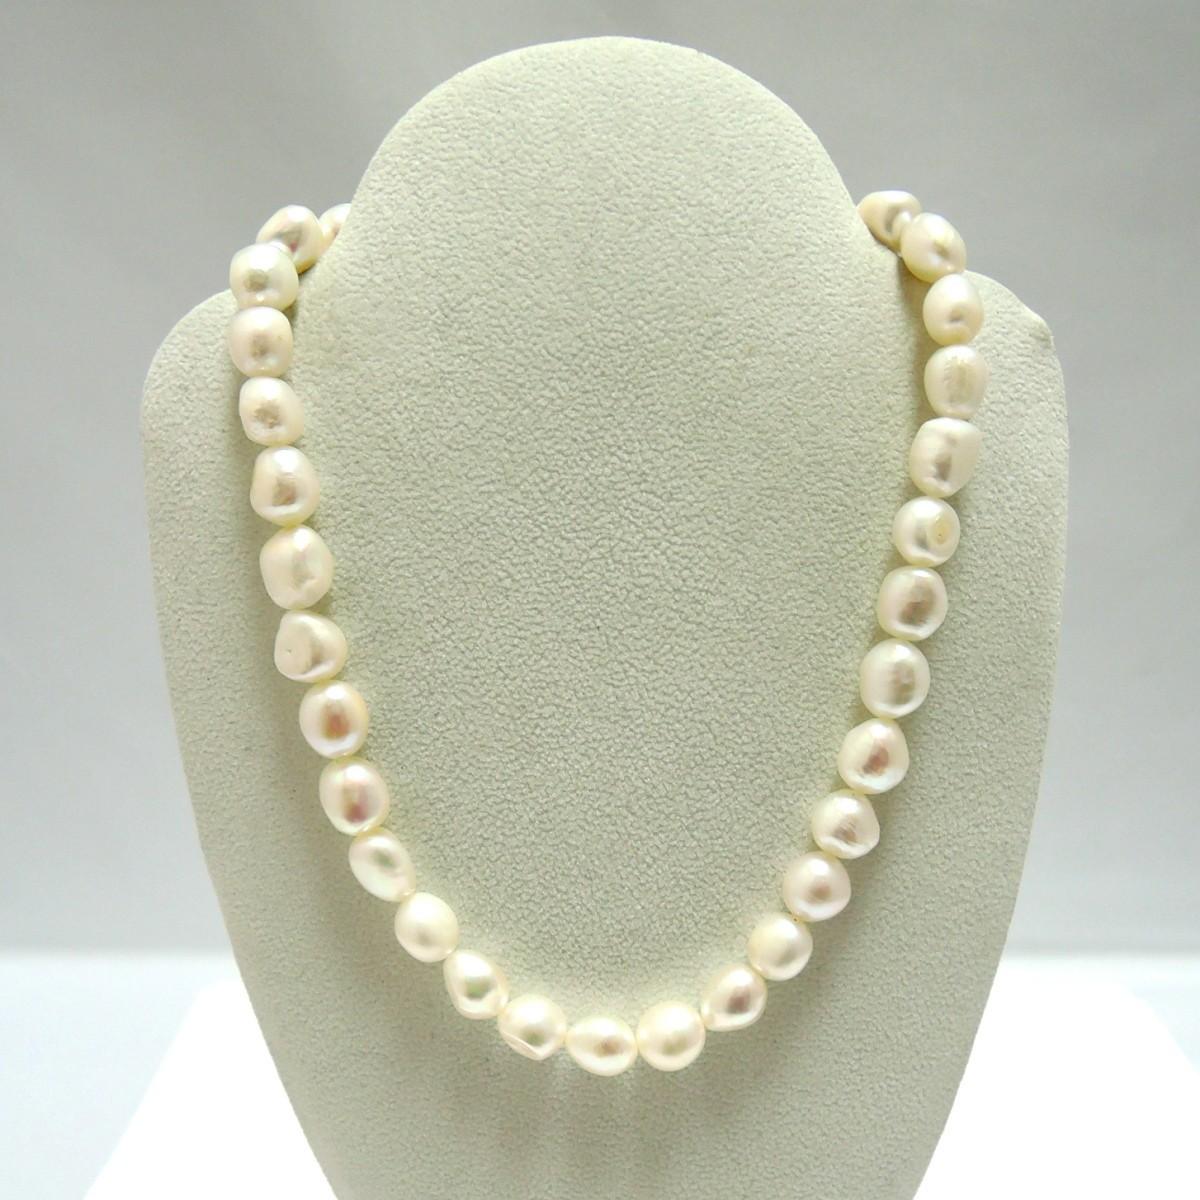 田崎真珠/TASAKI 本真珠 パールネックレス ダイヤ 刻印:0.02 約10mm前後 首回り約40cm FS_画像2